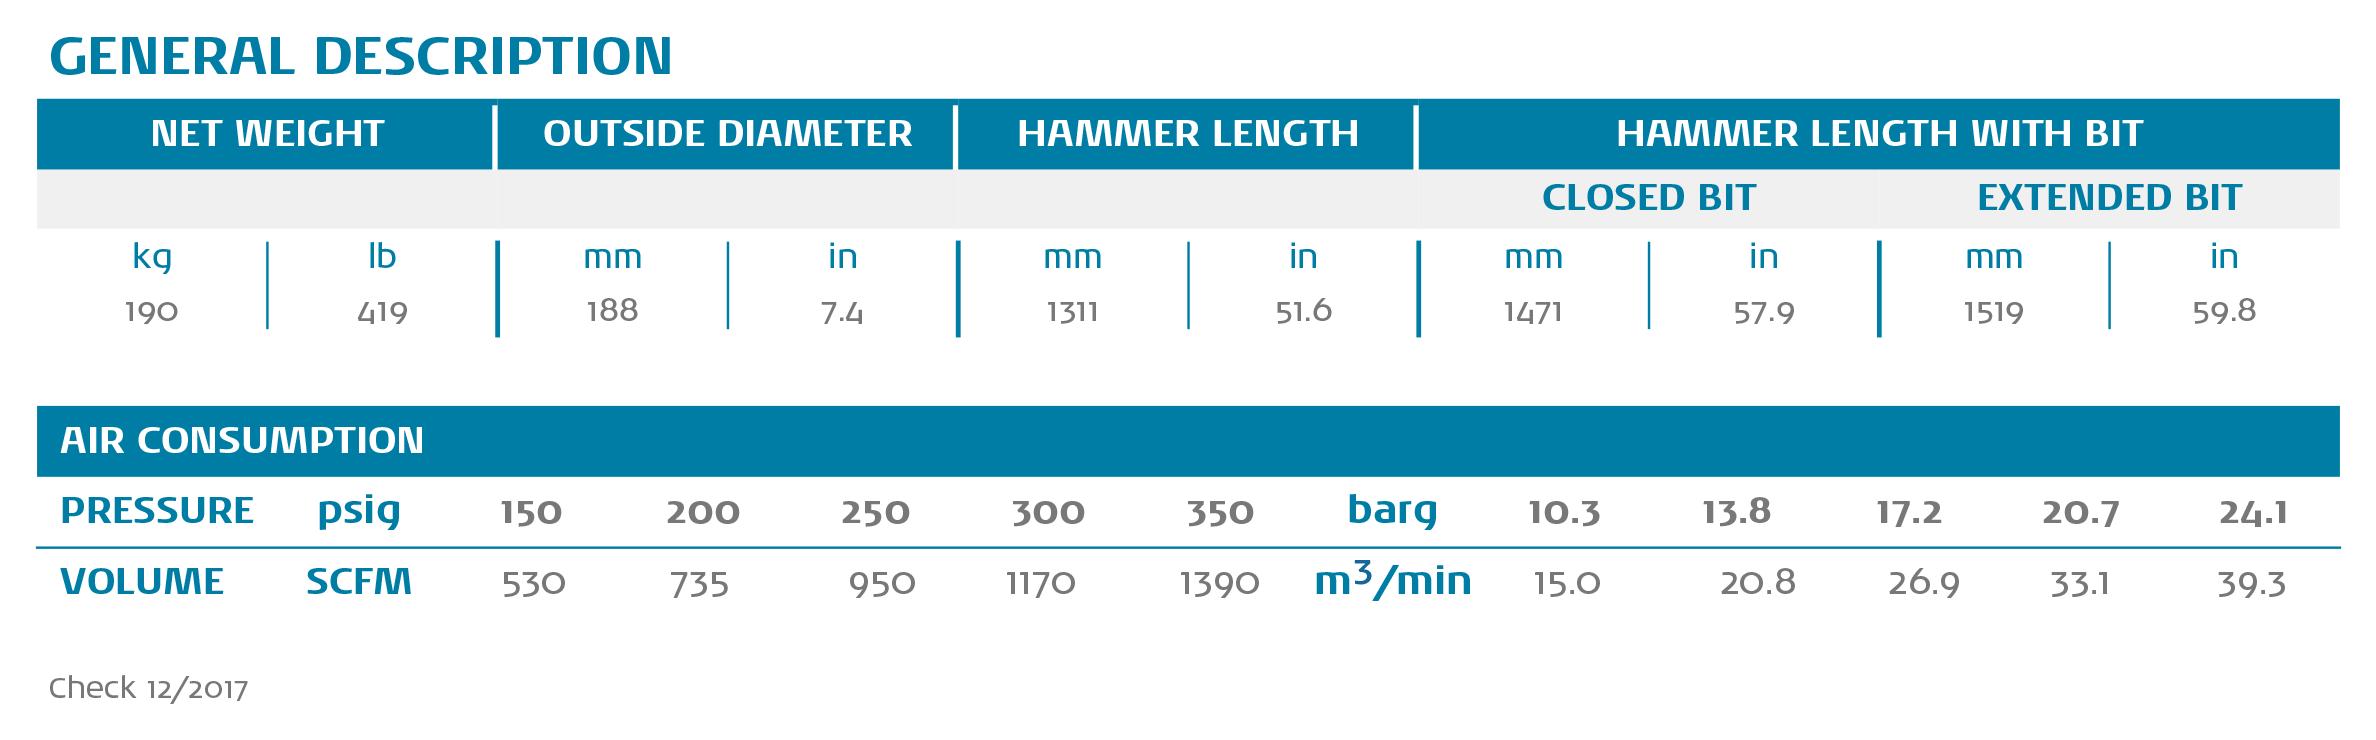 Puma 8.1 QL 8 General Description